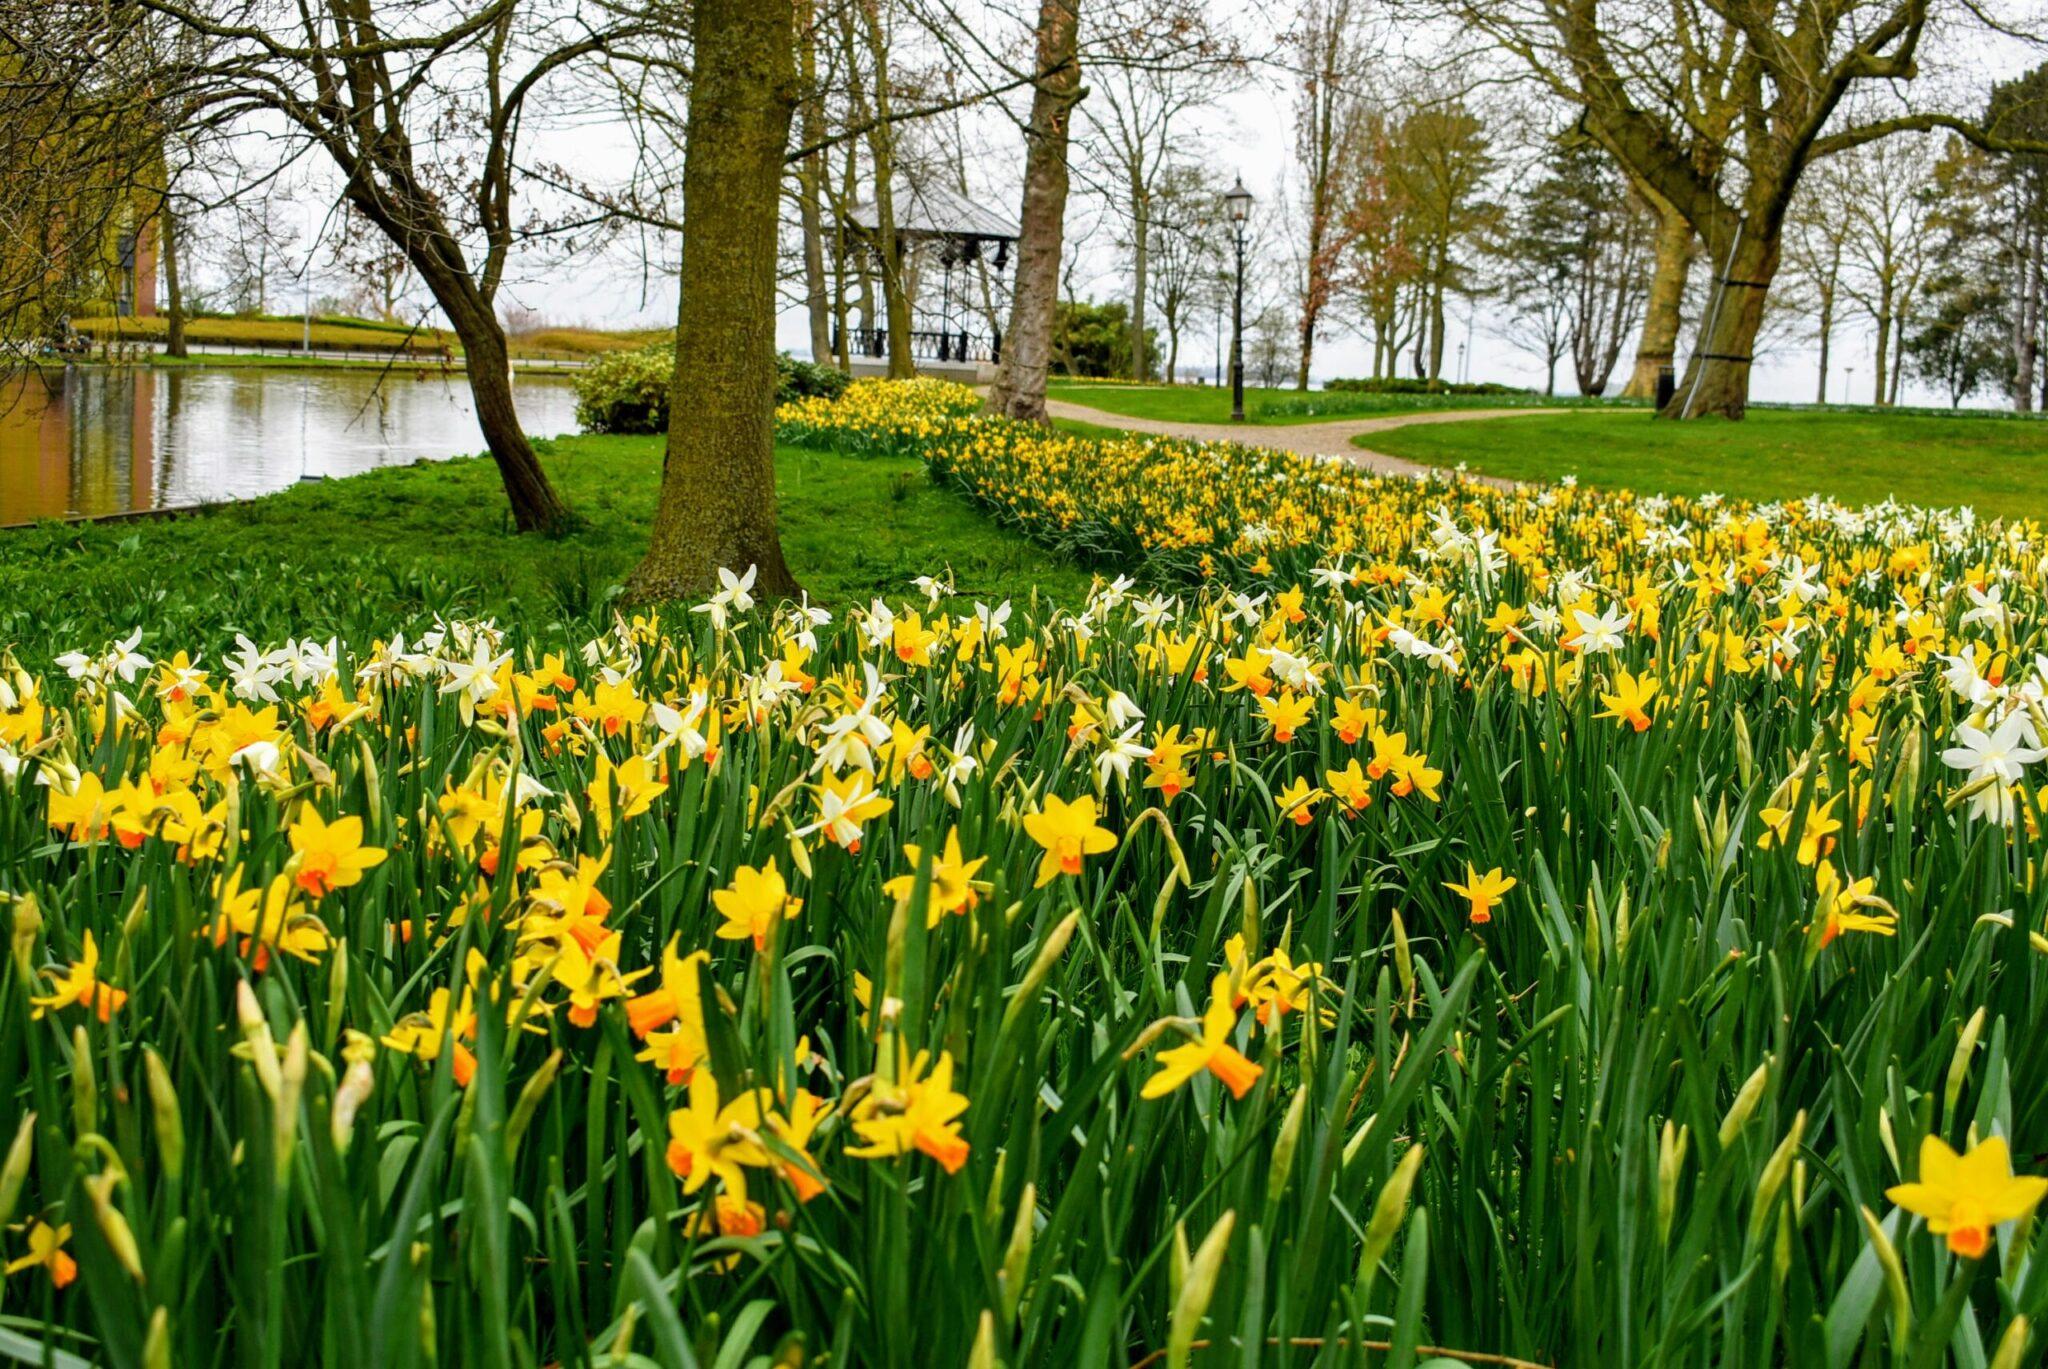 Pasen 2021 Lente in Harderwijk, Ermelo en Putten.